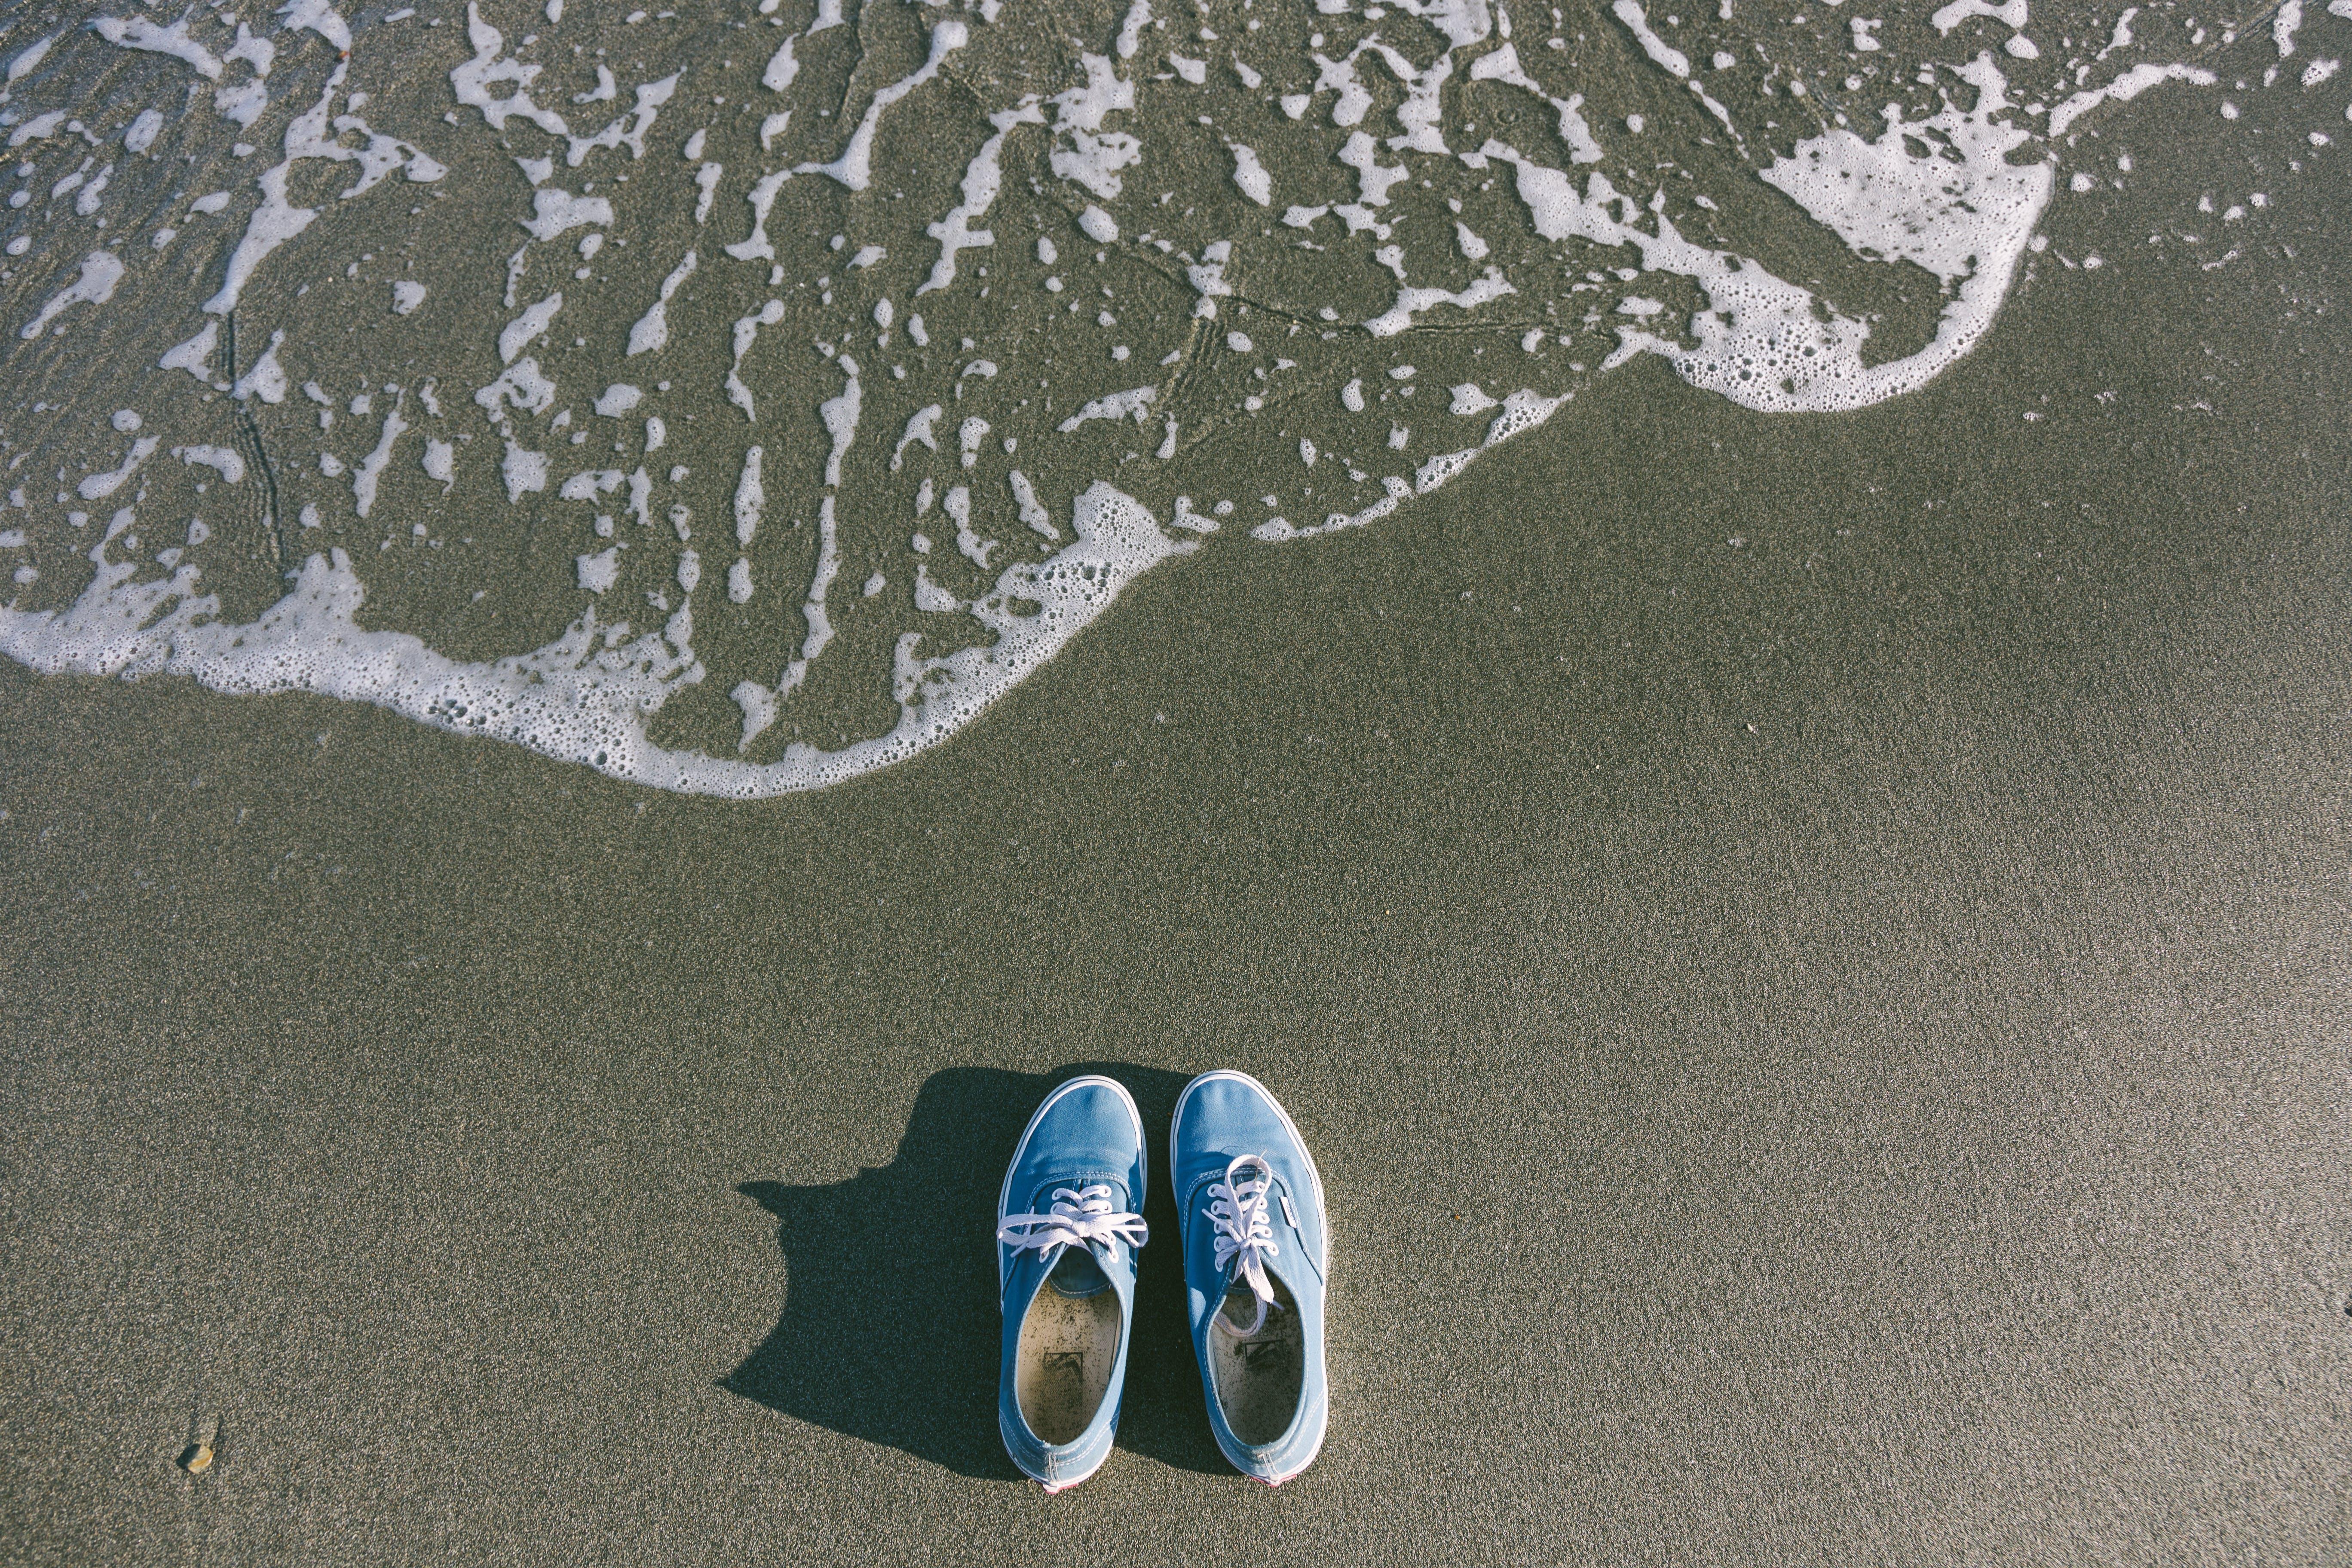 água, areia, azul